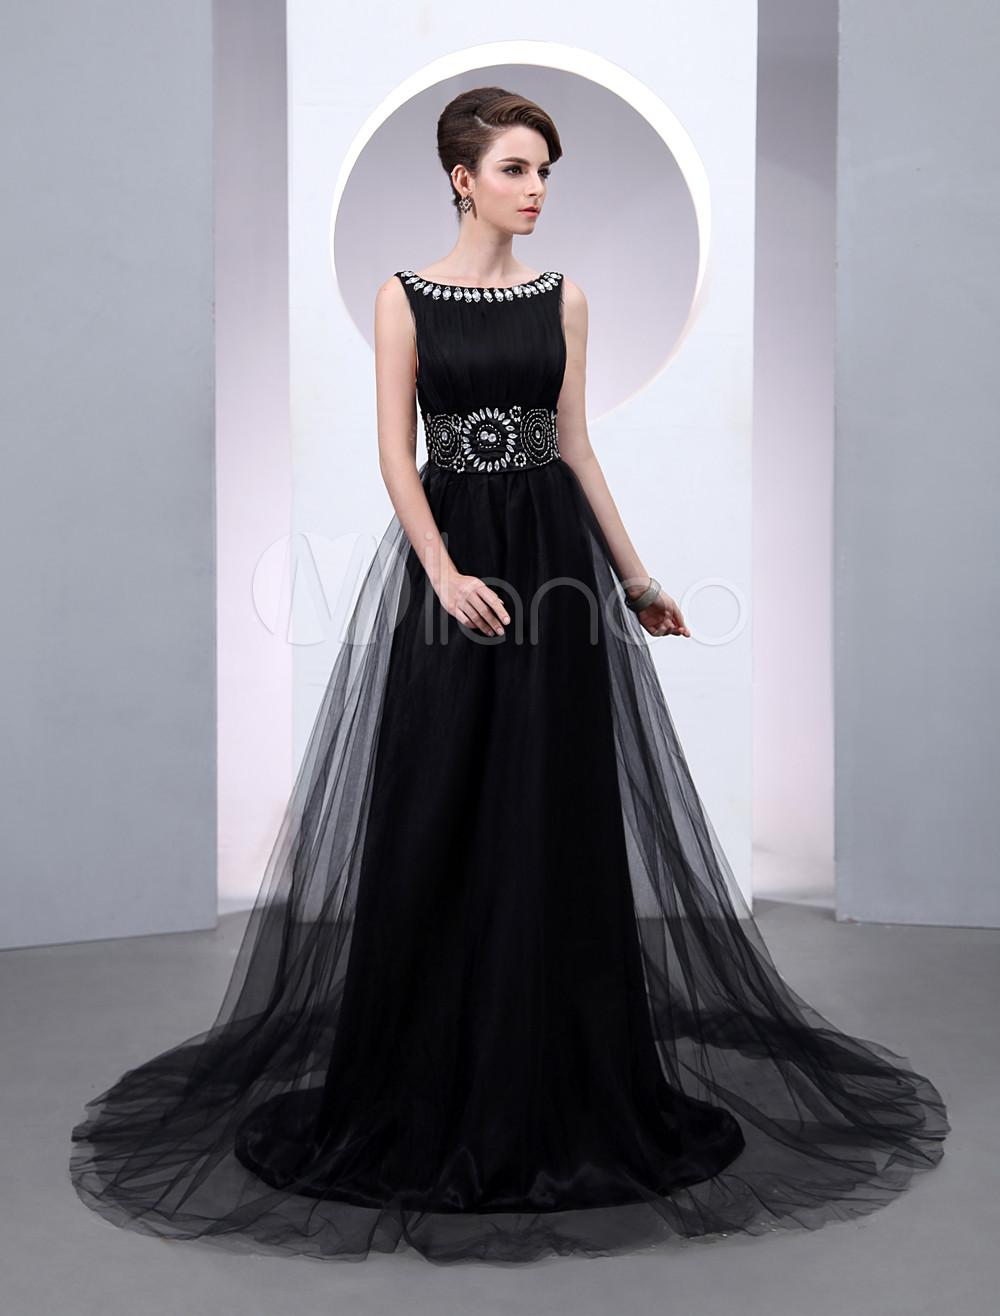 a4ca24d3575a Vestito da sera sexy con perline in tulle nero con scollo rotondo attillato  con strascico